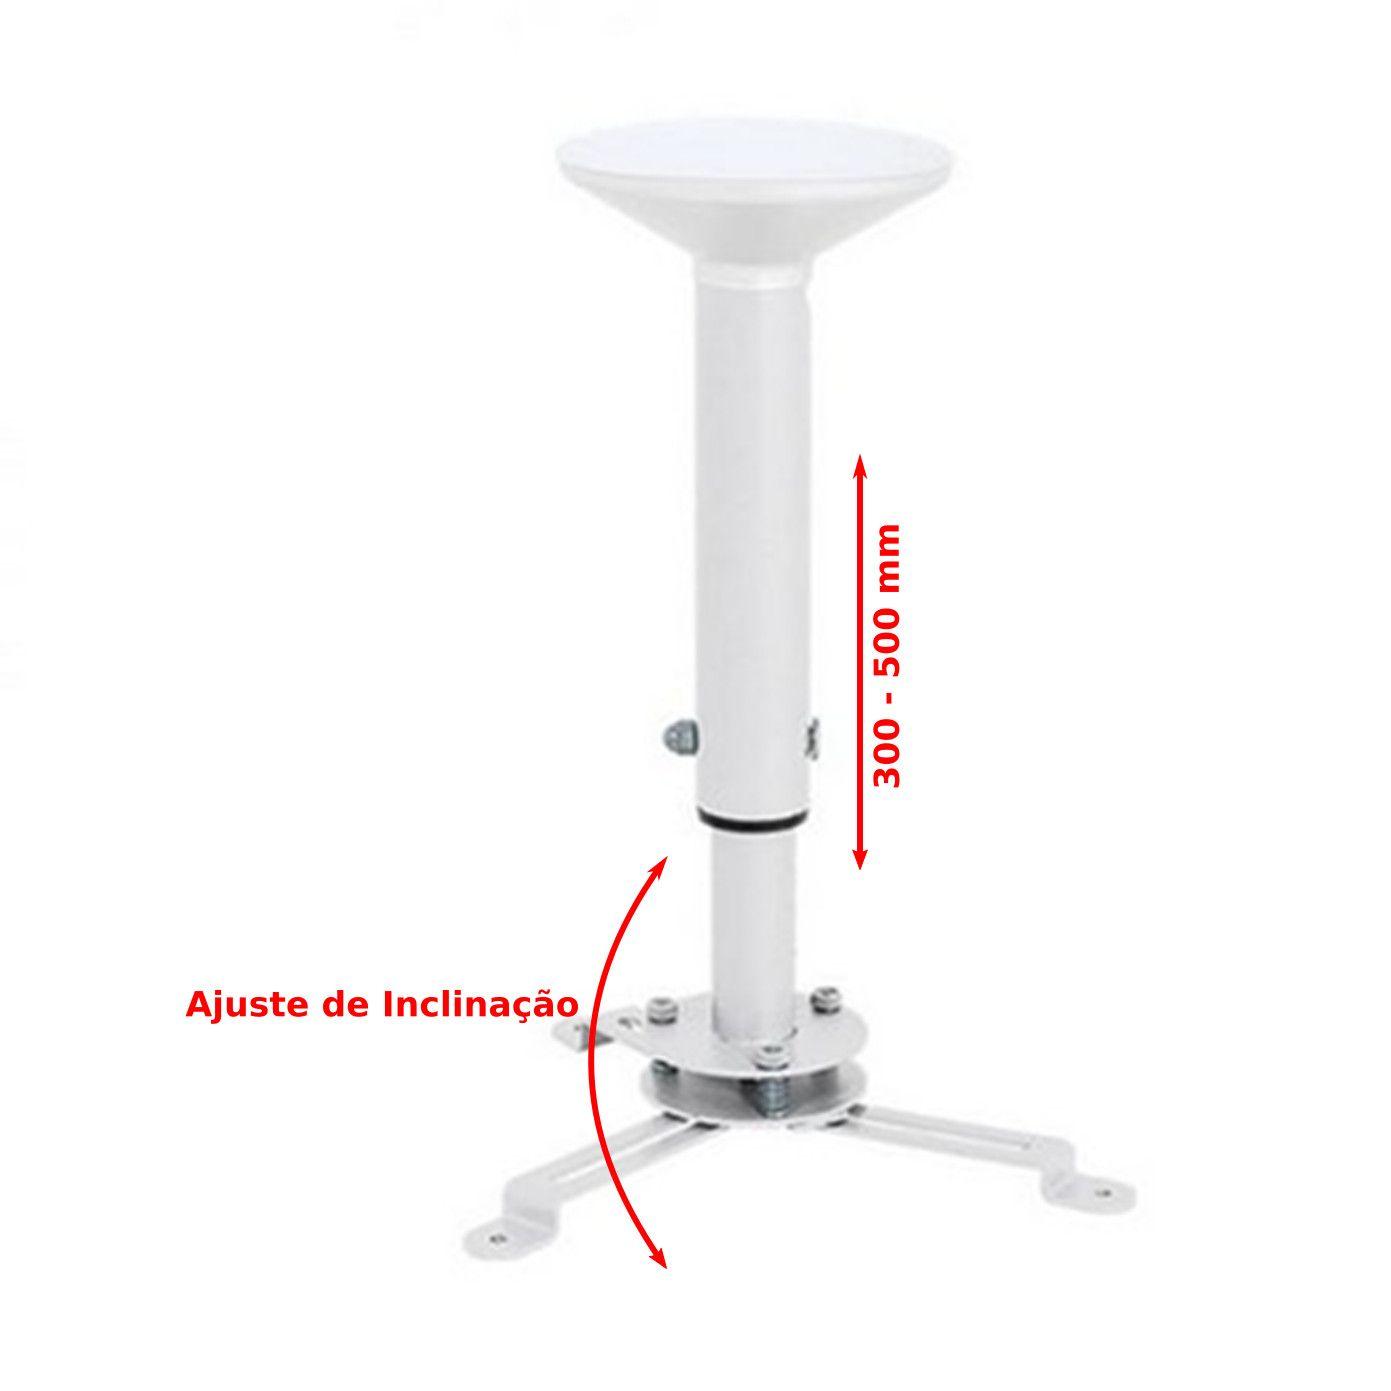 Suporte de Teto para Projetor Universal Giro 360º Iclinação Até 15º 30 - 50 cm - Multivisao